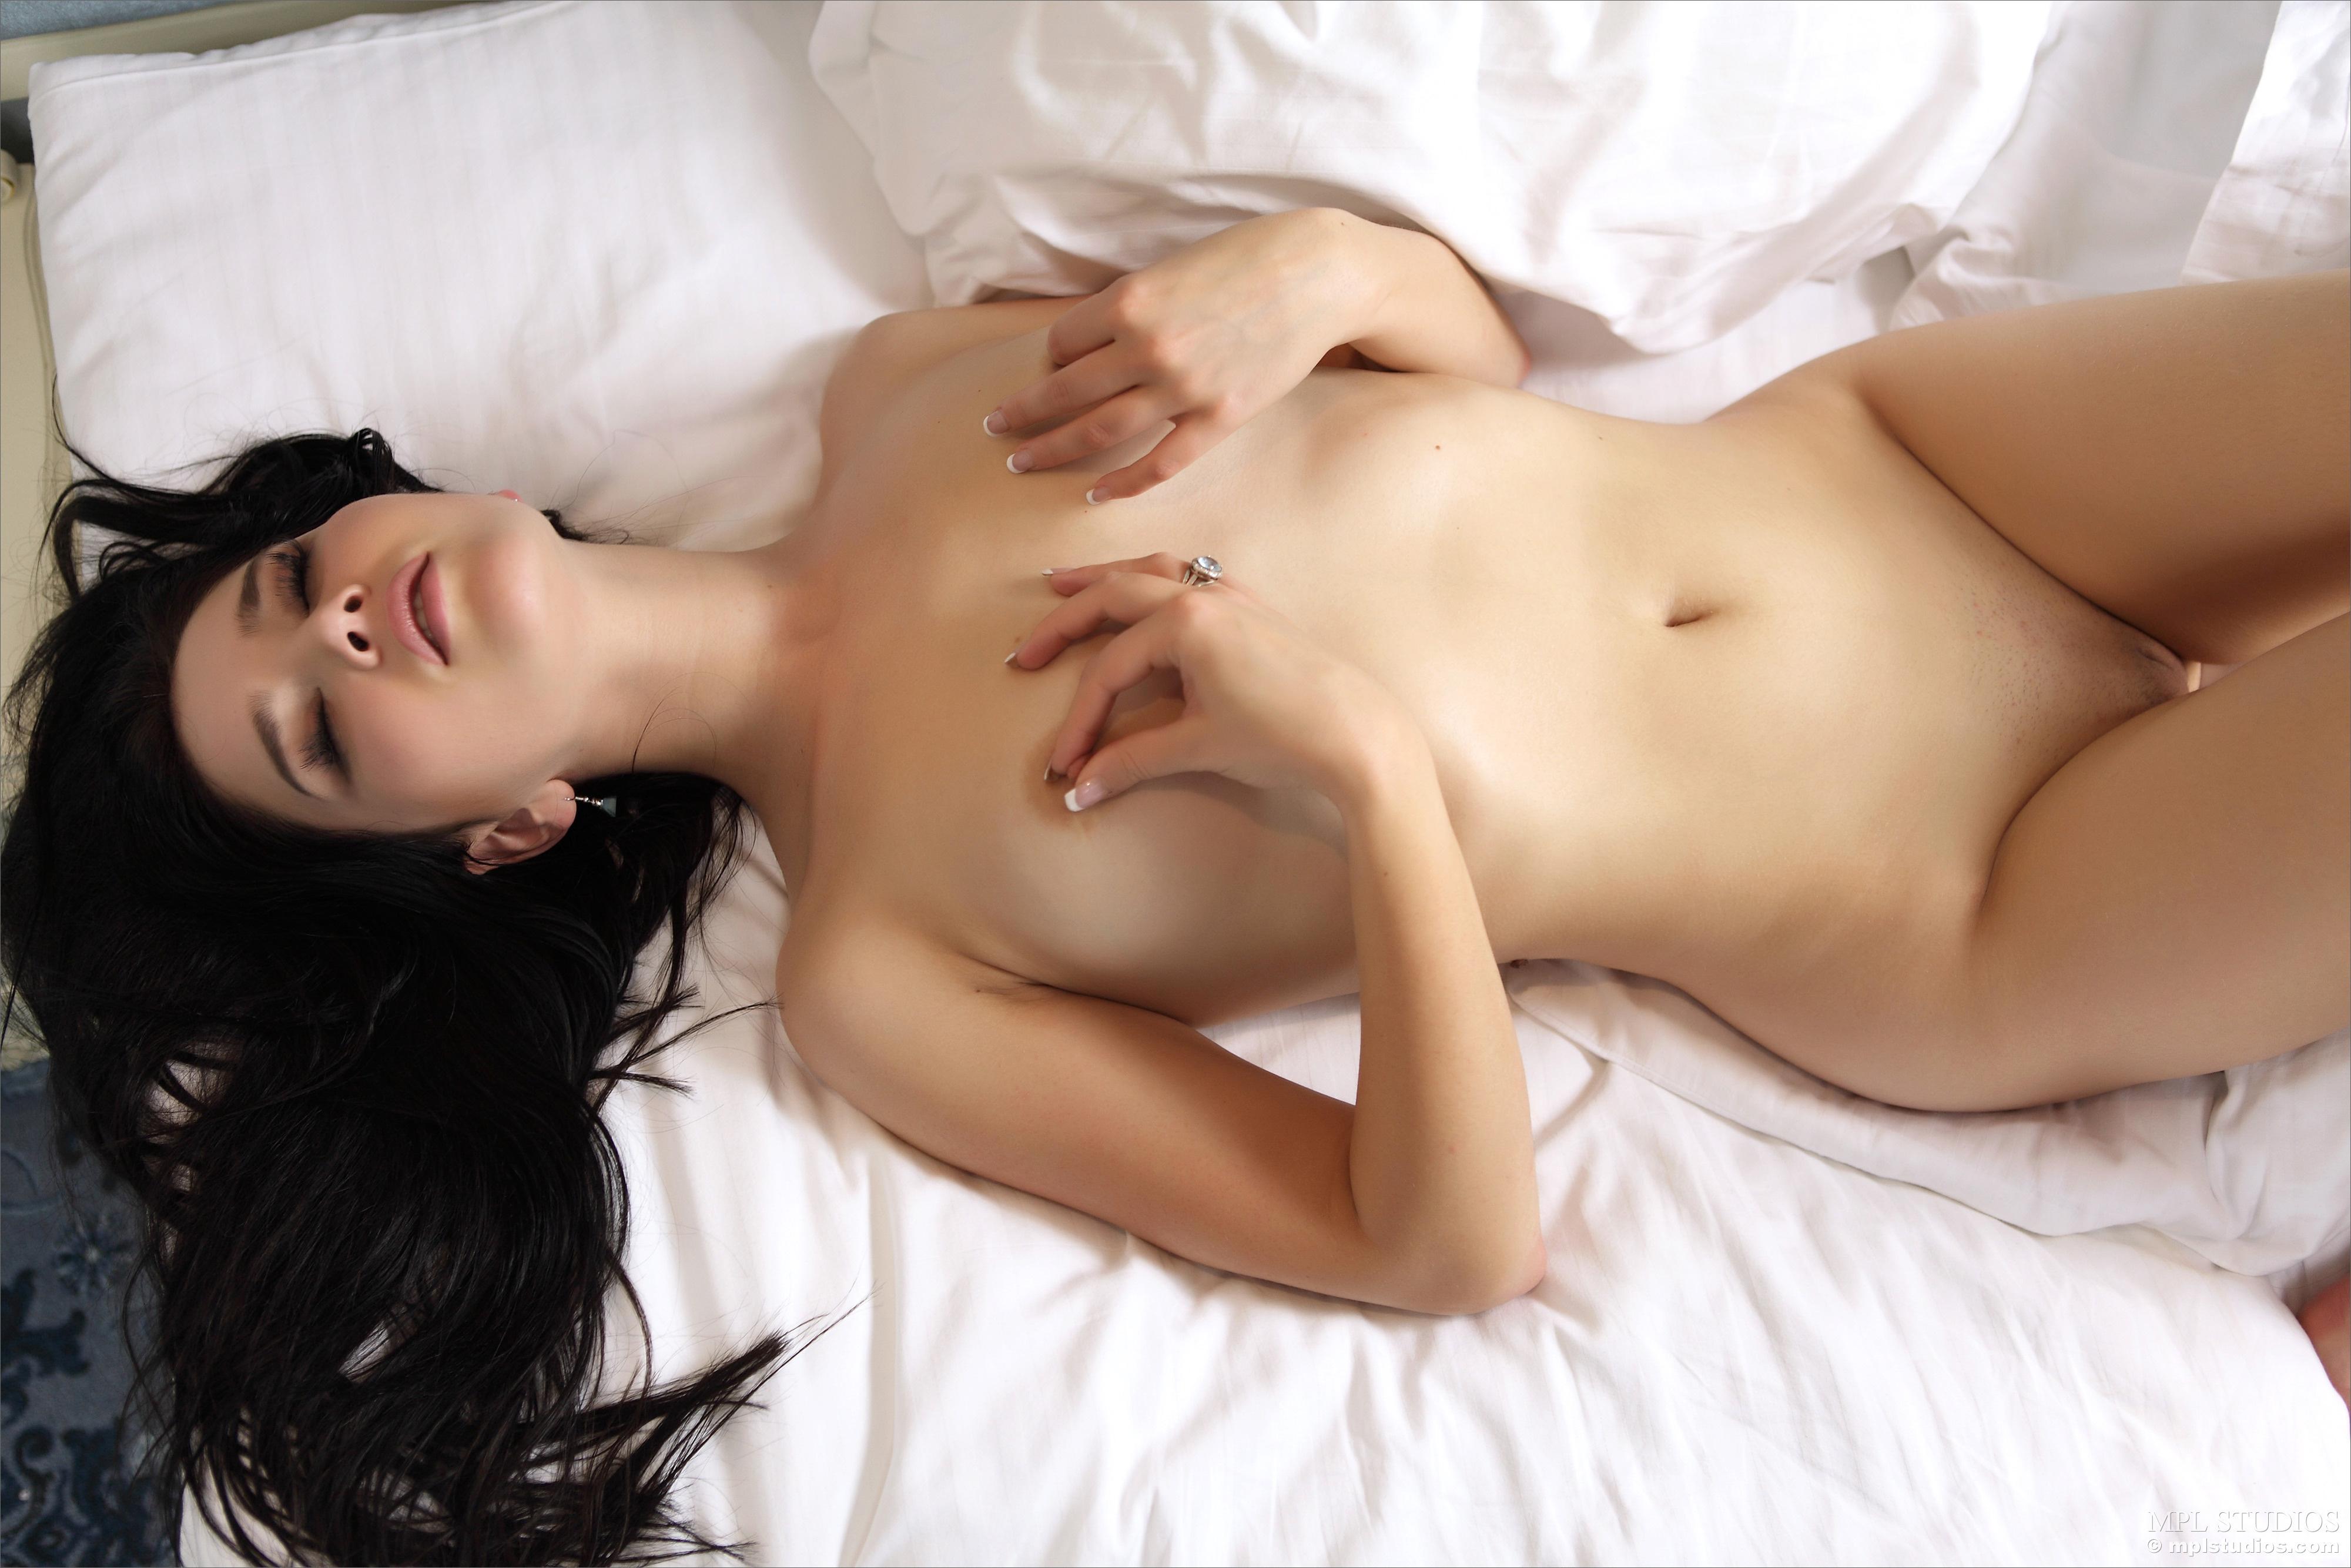 malena-malay-naked